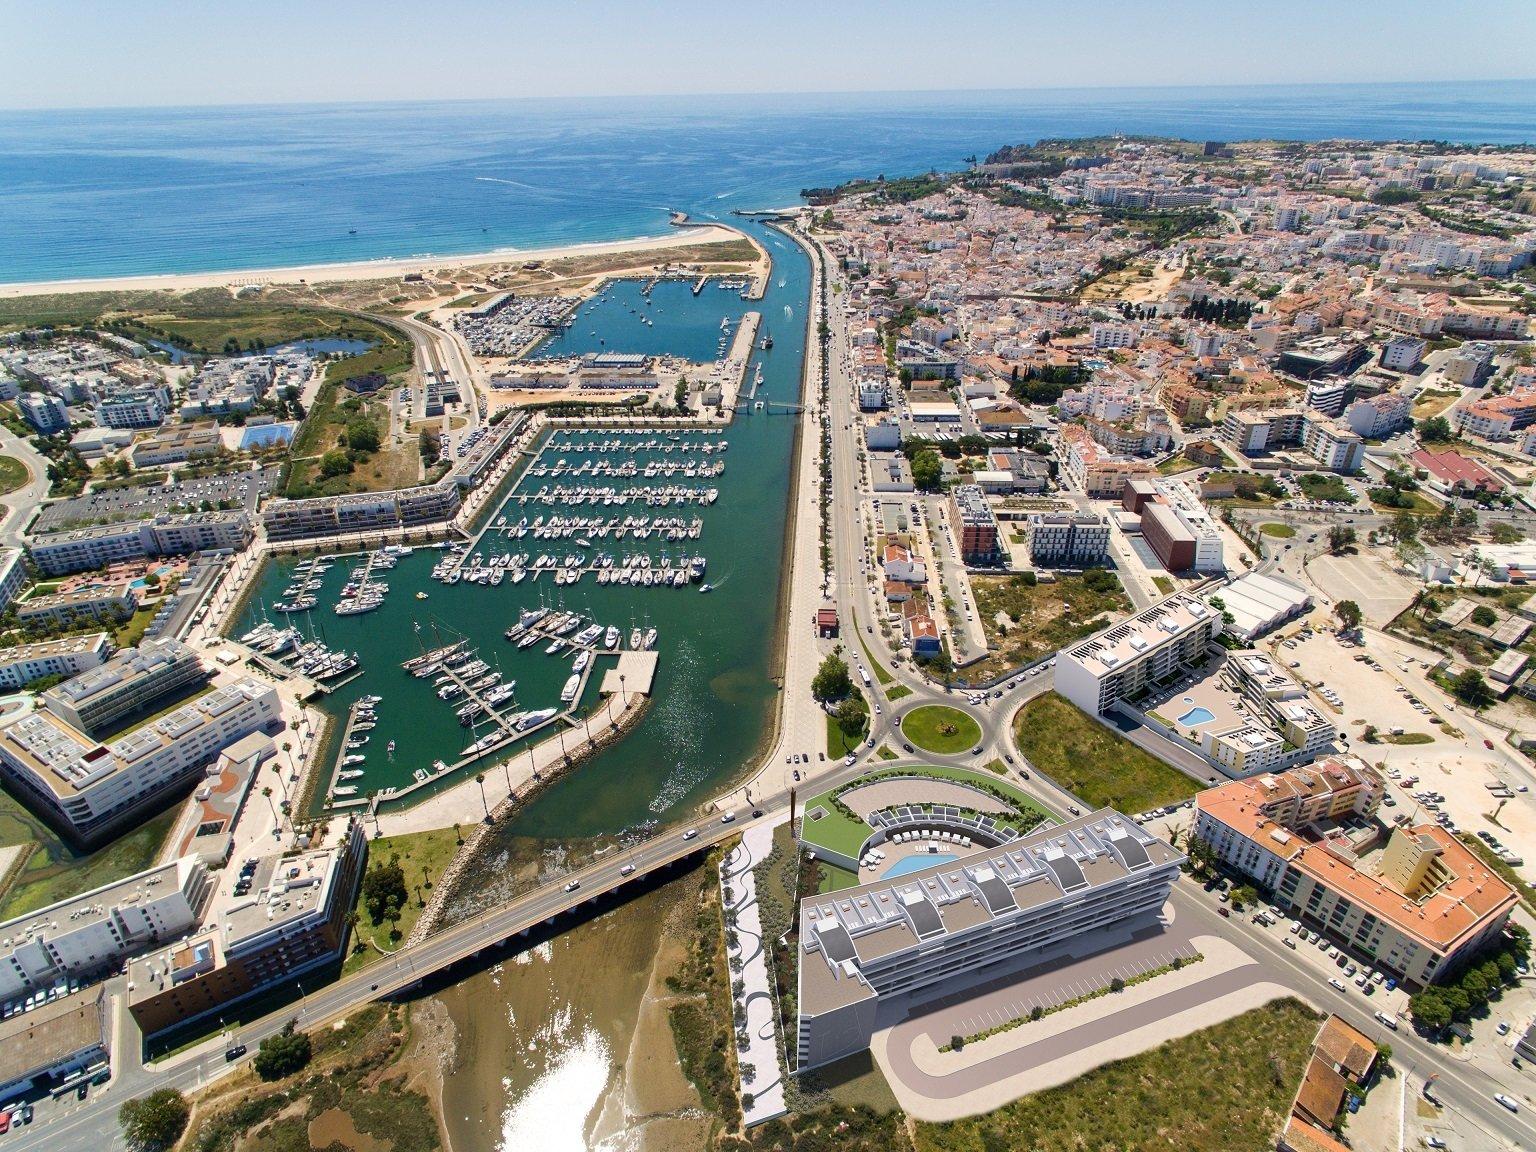 2 Bedroom Apartment Lagos, Western Algarve Ref: GA412A